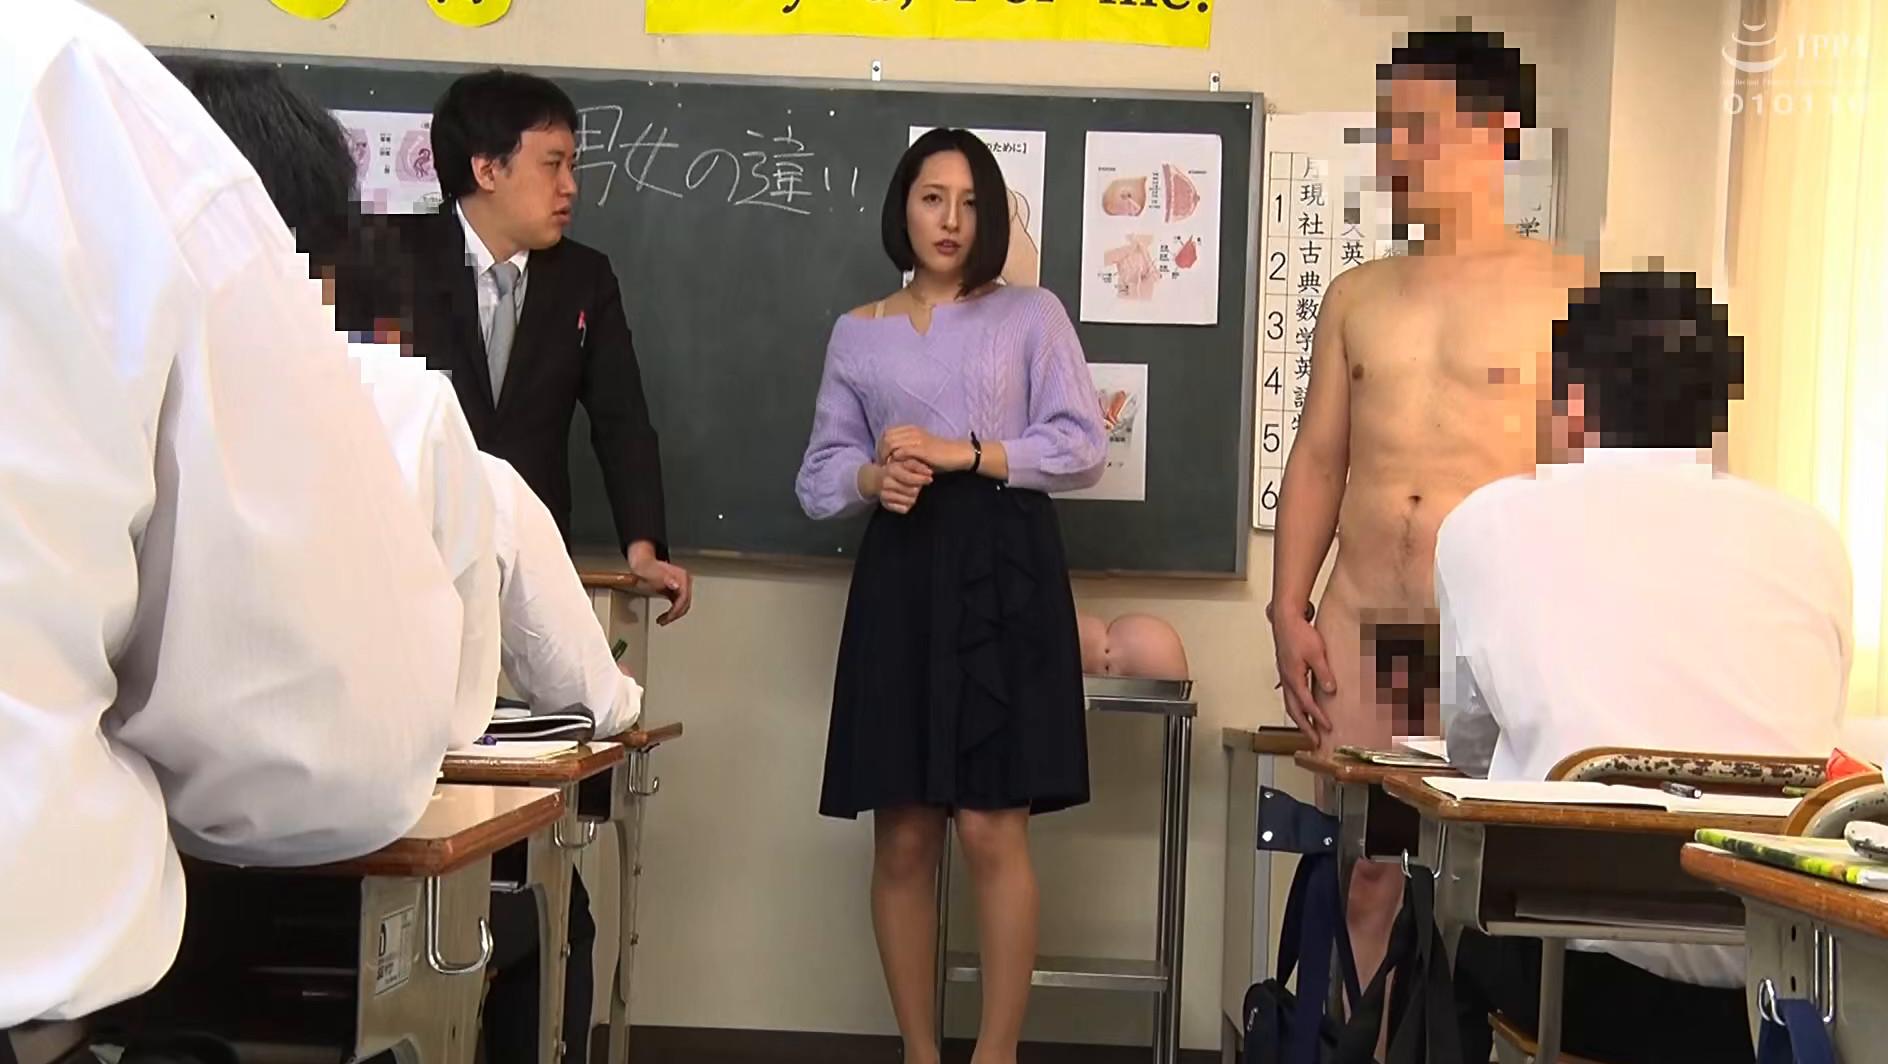 羞恥 新任女教師が学習教材にされる男子校の性教育 唯野光先生編